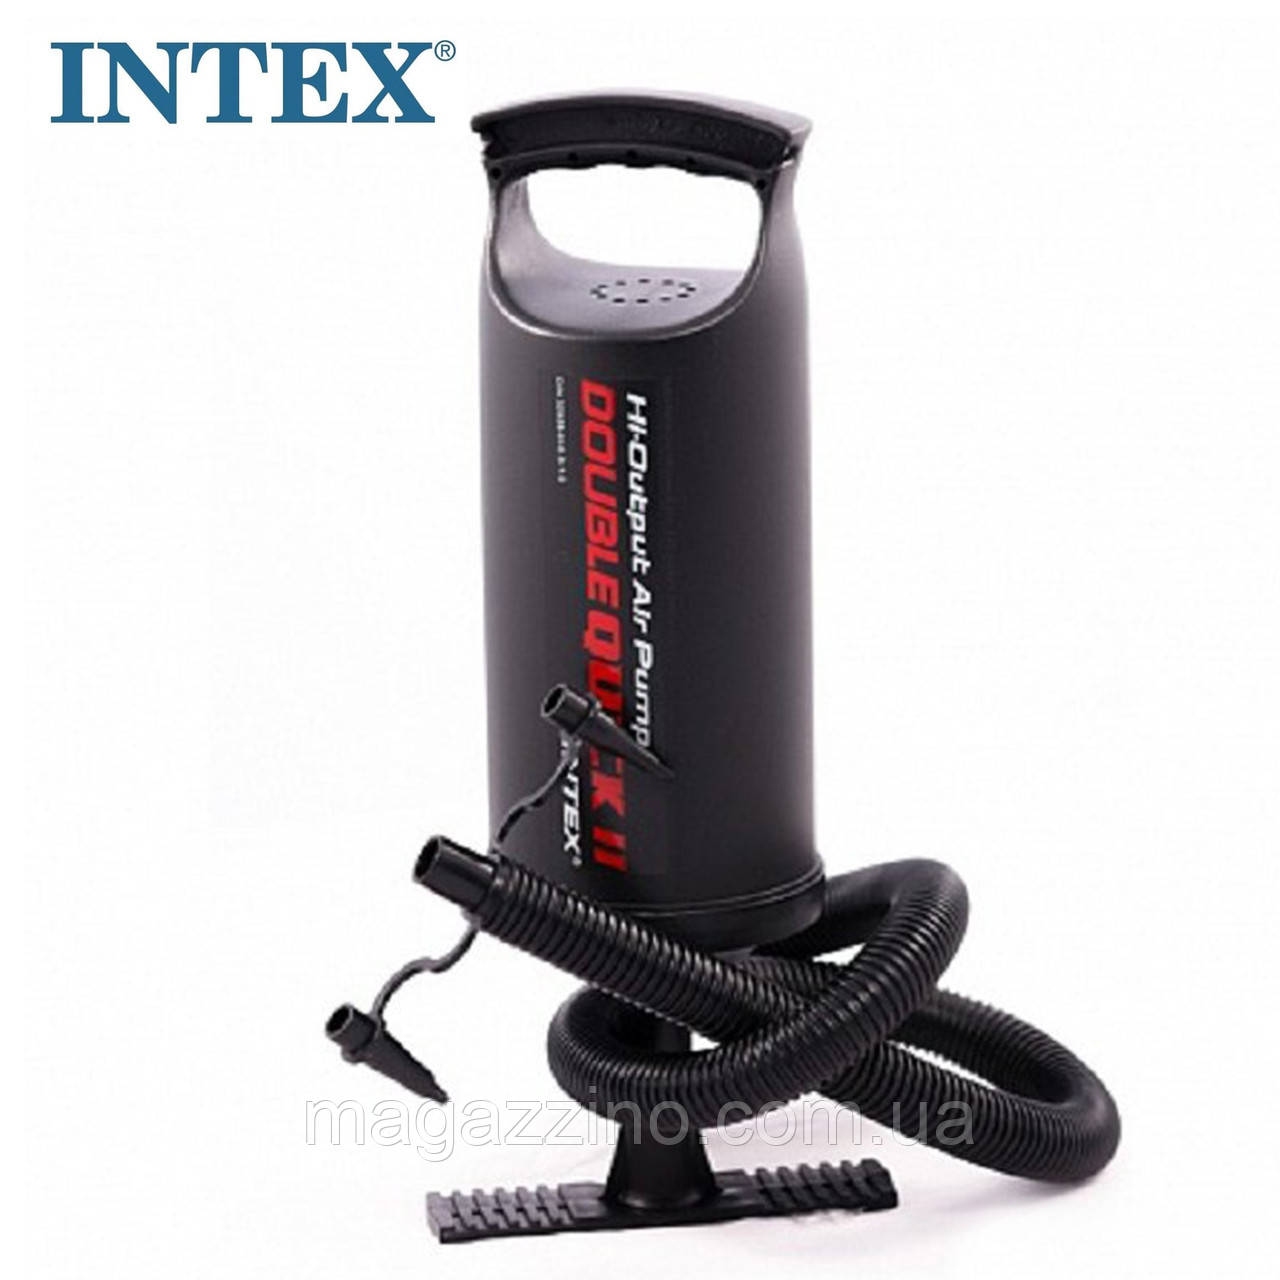 Ручний насос для надування Intex, 1,7 л.